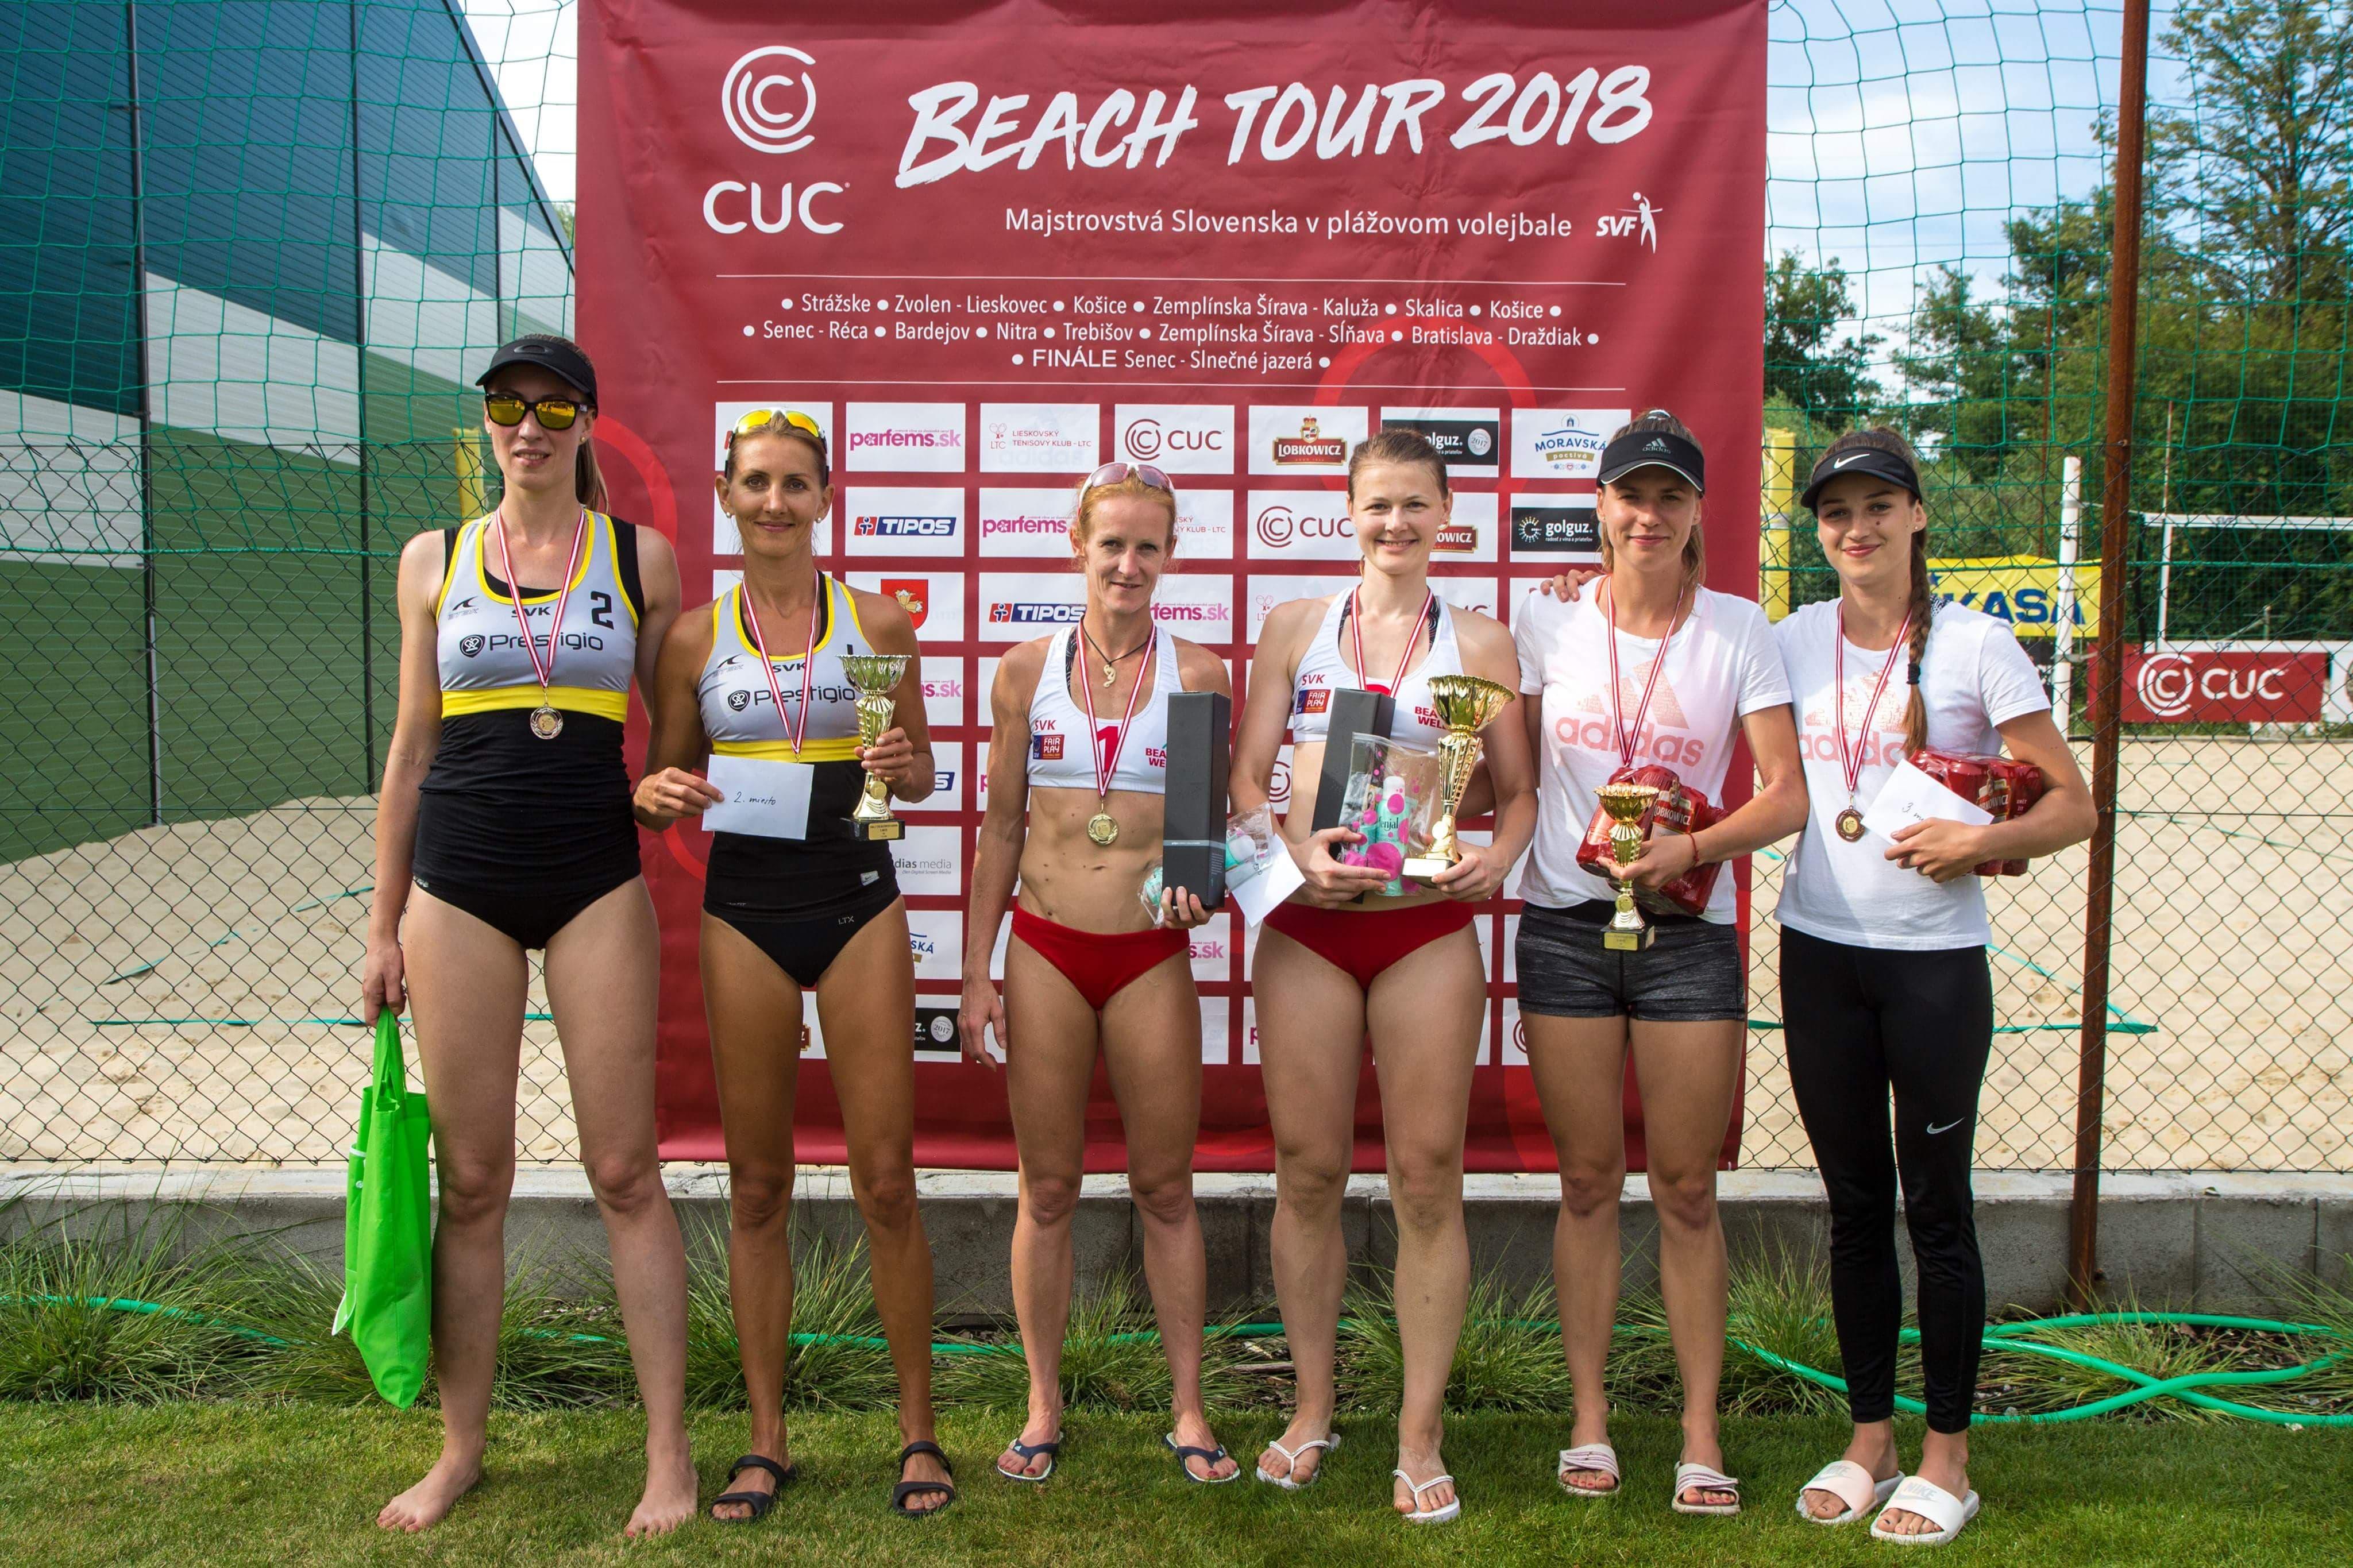 Najlepšie tri dvojice ženského finále v Lieskovci. FOTO: J. Tužinská